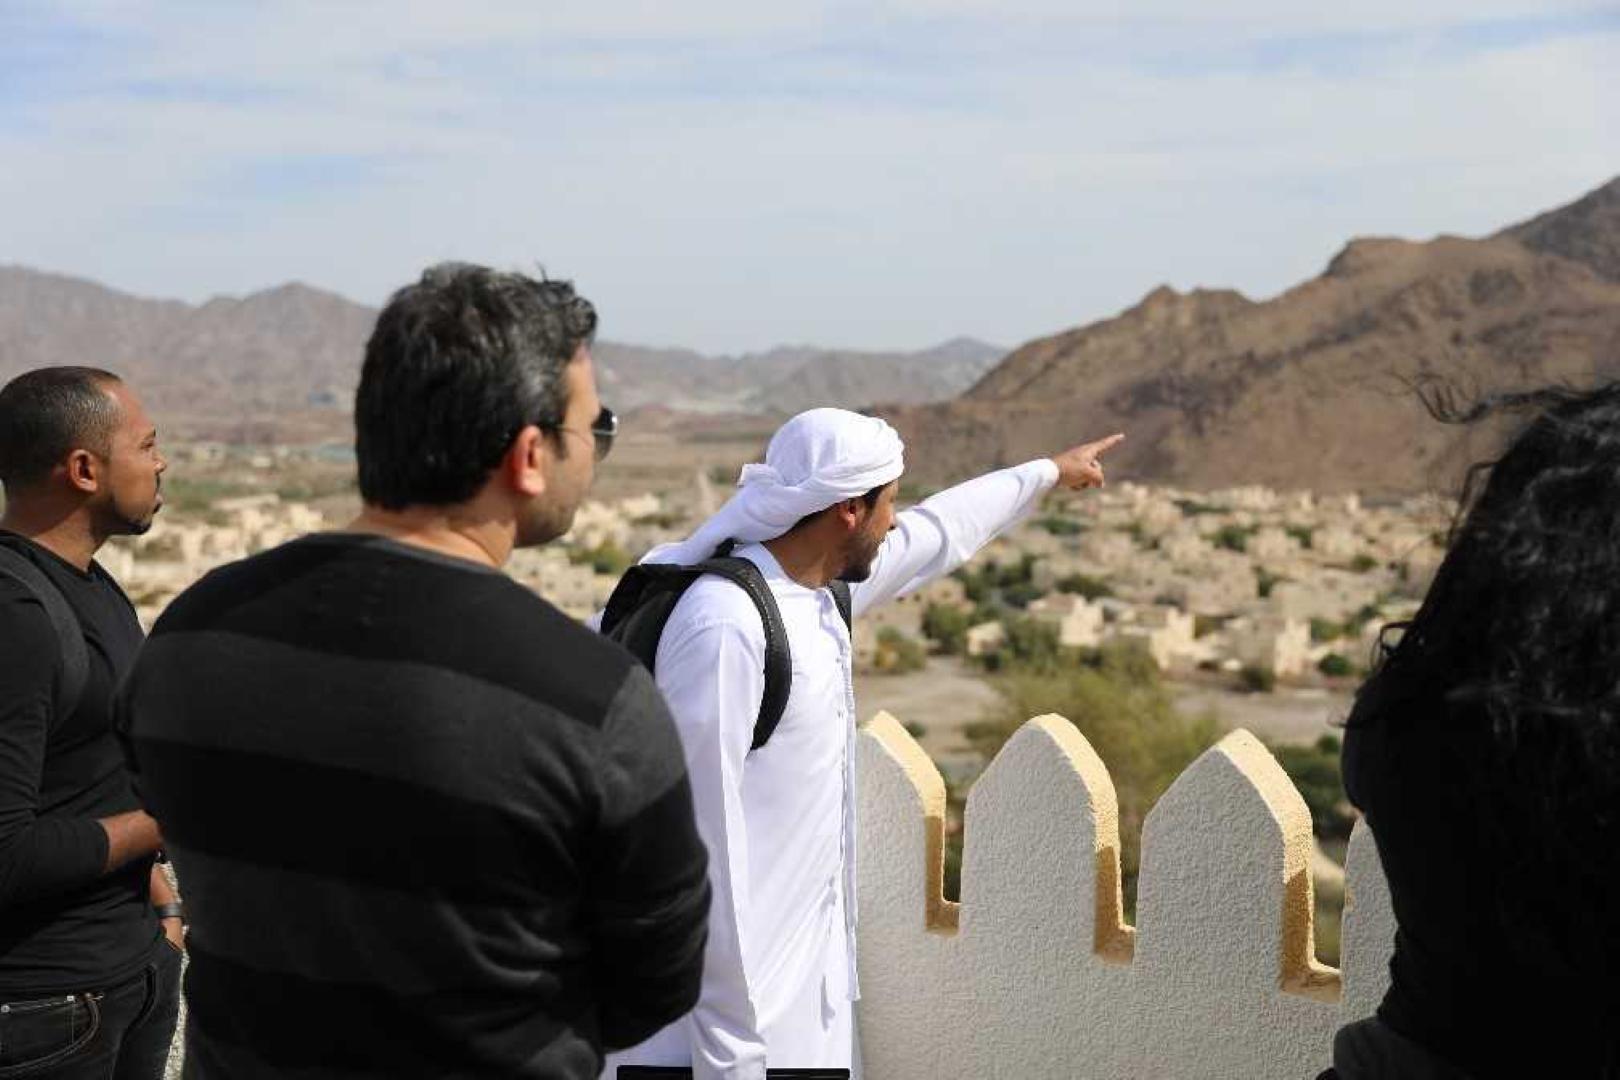 كلية دبي للسياحة تطلع مجموعة من شركات الإرشاد السياحي الوطنية على مستجدات القطاع